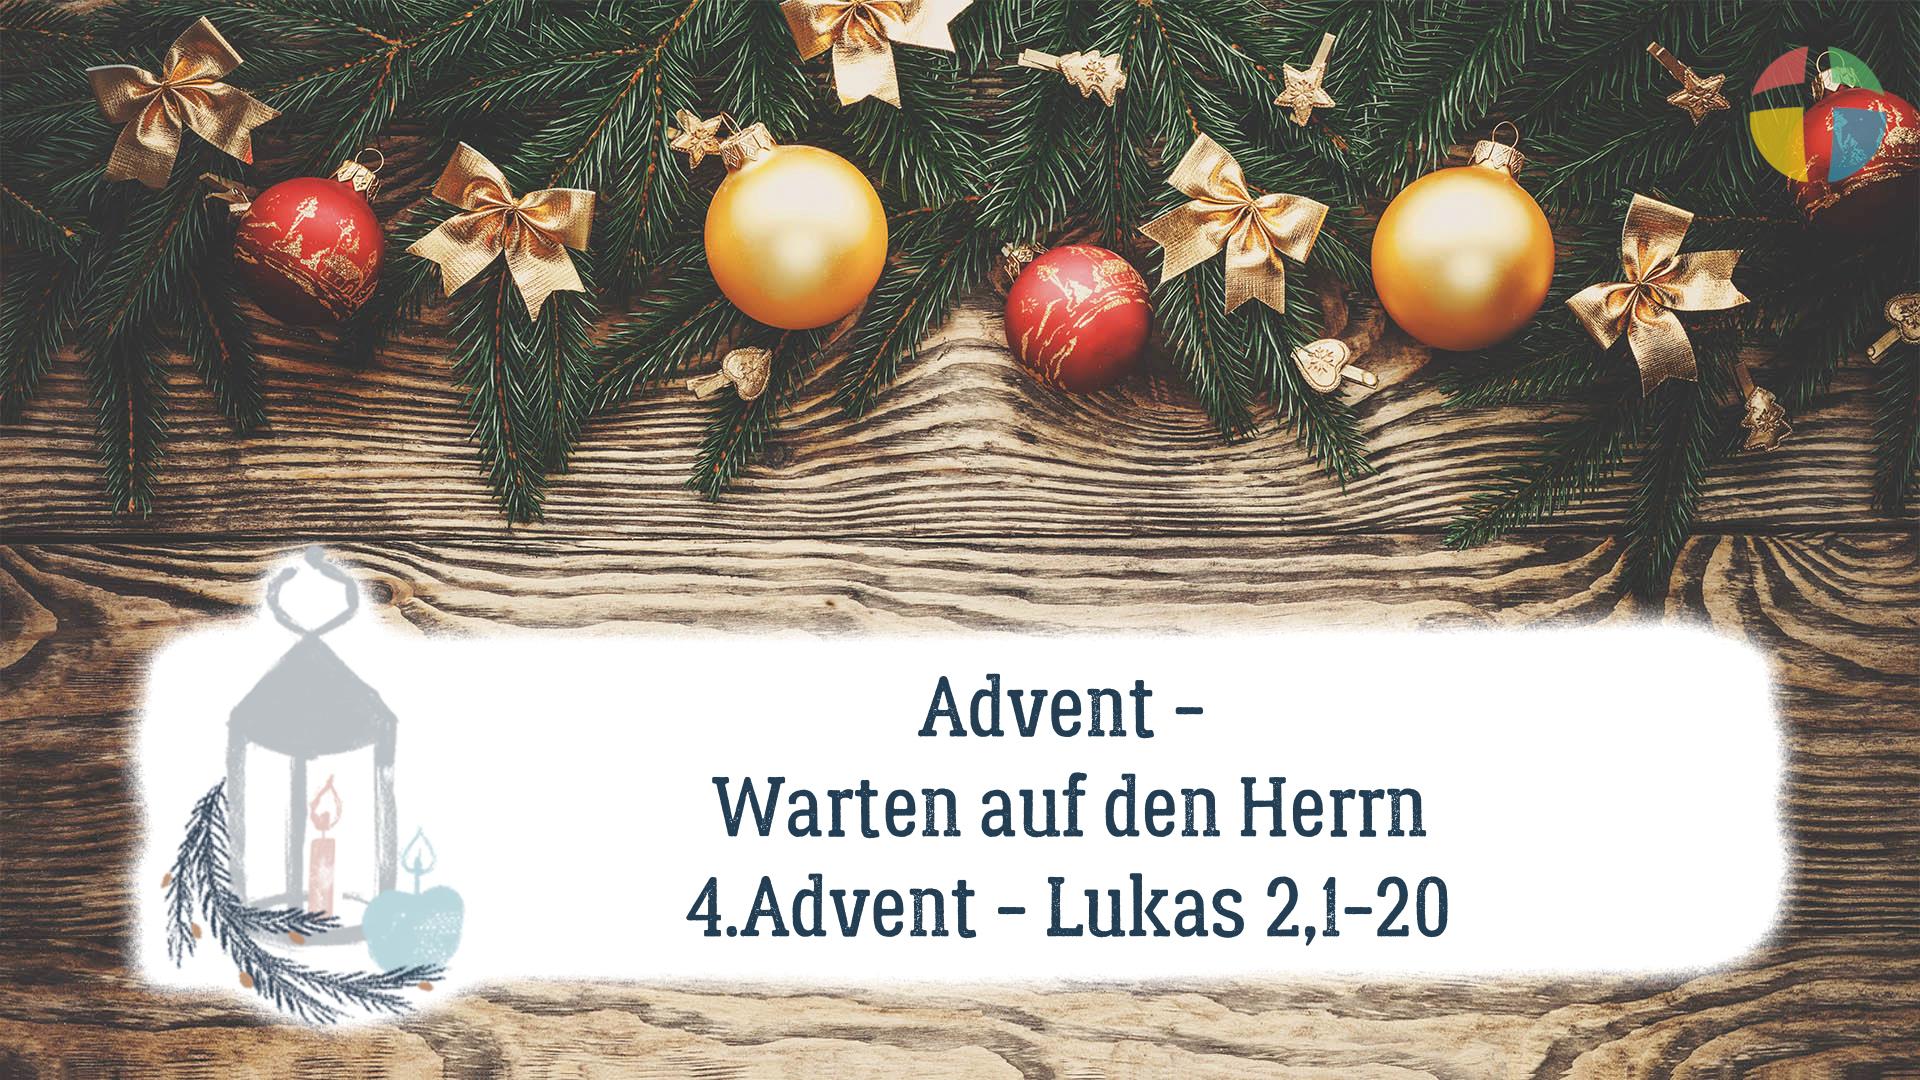 Warten auf den Herrn - 4. Advent